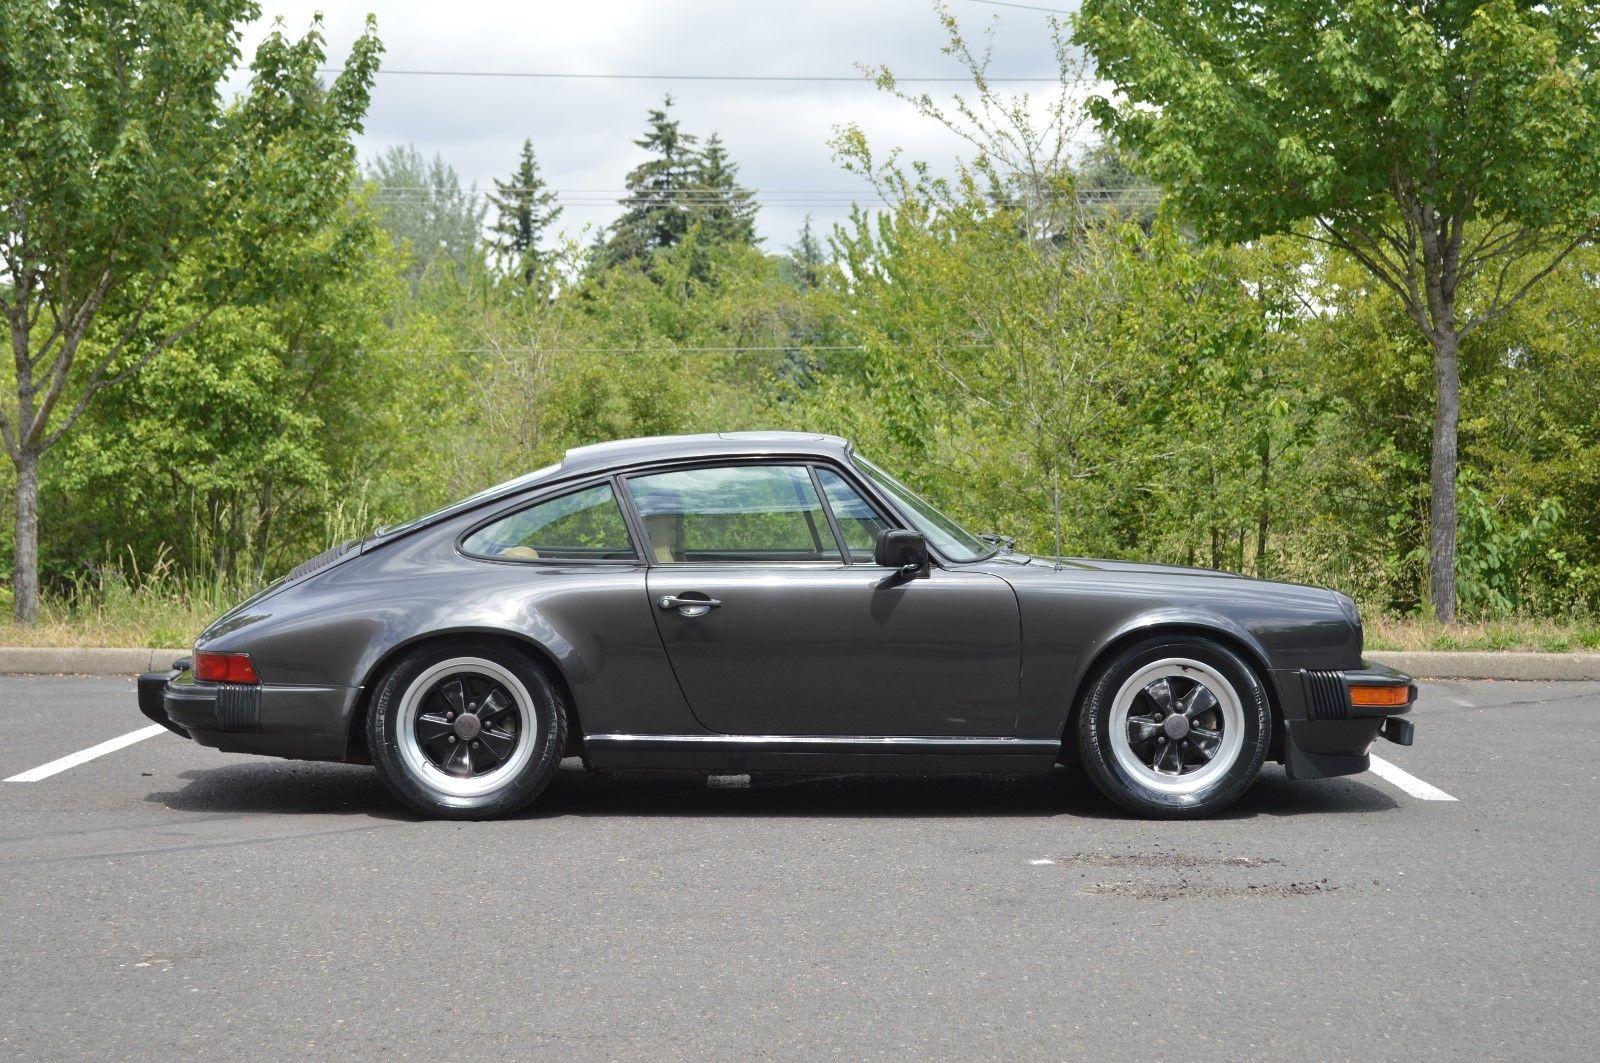 2013 Honda Pilot Ex L For Sale >> Awesome 1982 Porsche 911 1982 PORSCHE 911 SC COUPE 3.0L ...